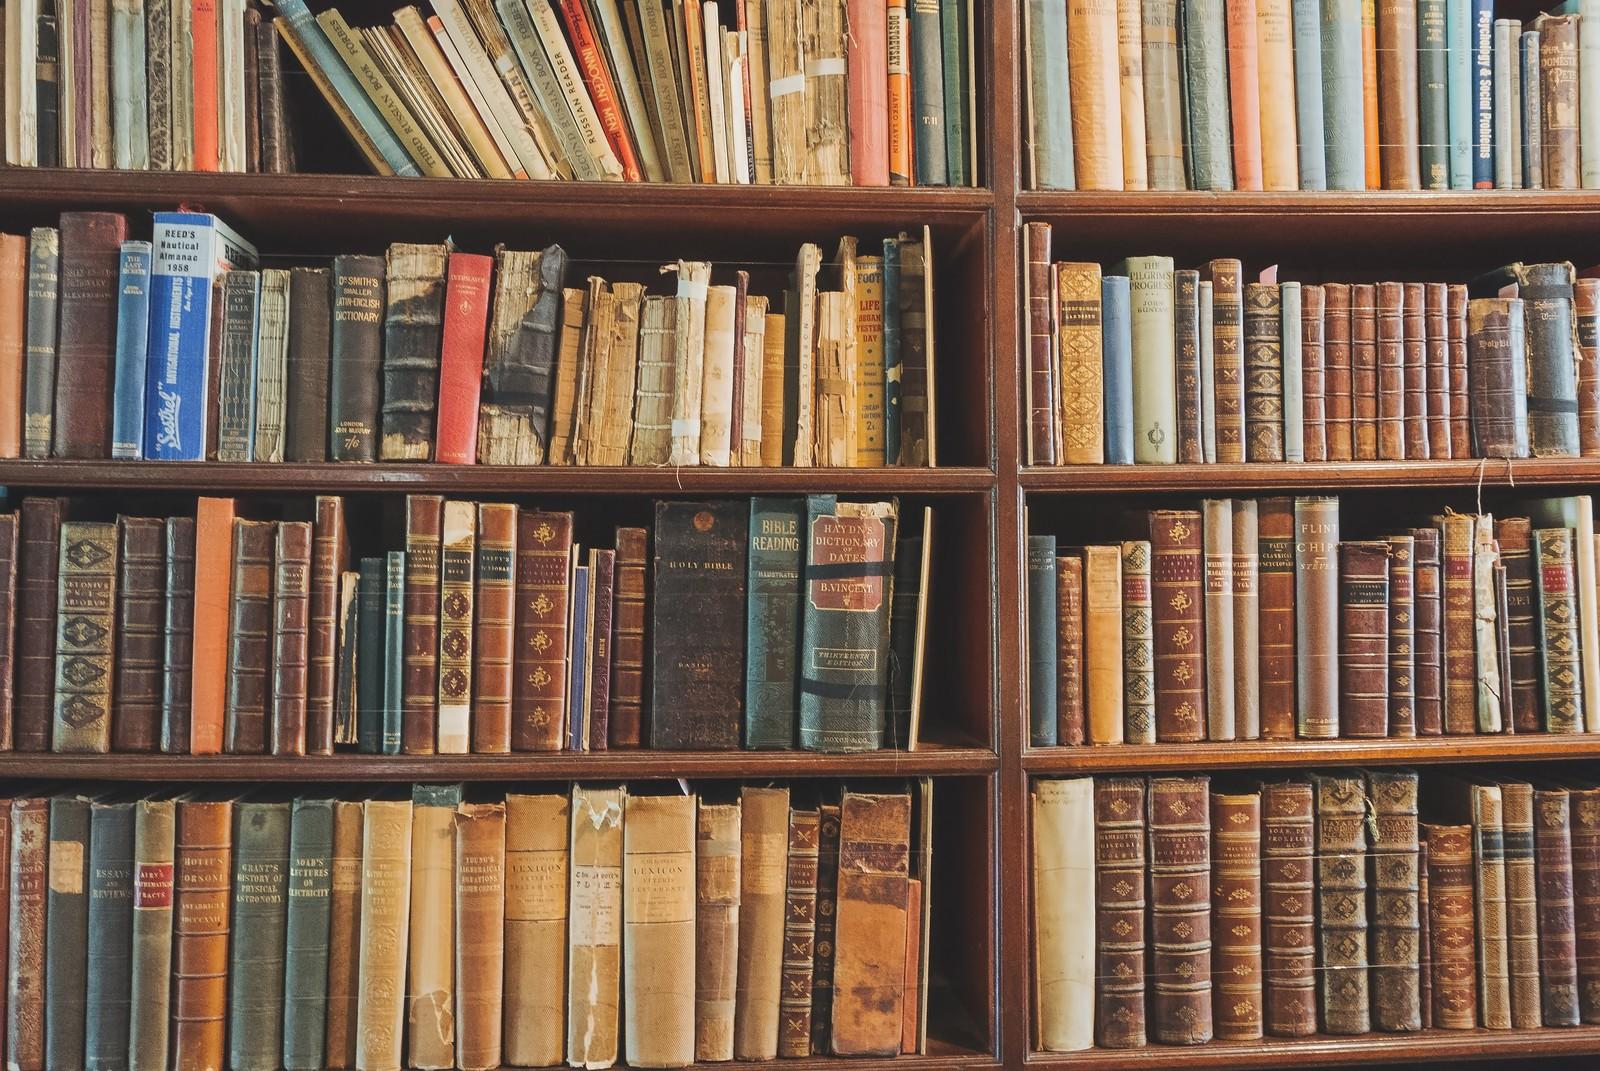 体に厳しくない環境を求めて大手の「営業事務」から「図書館の事務員」へ転職